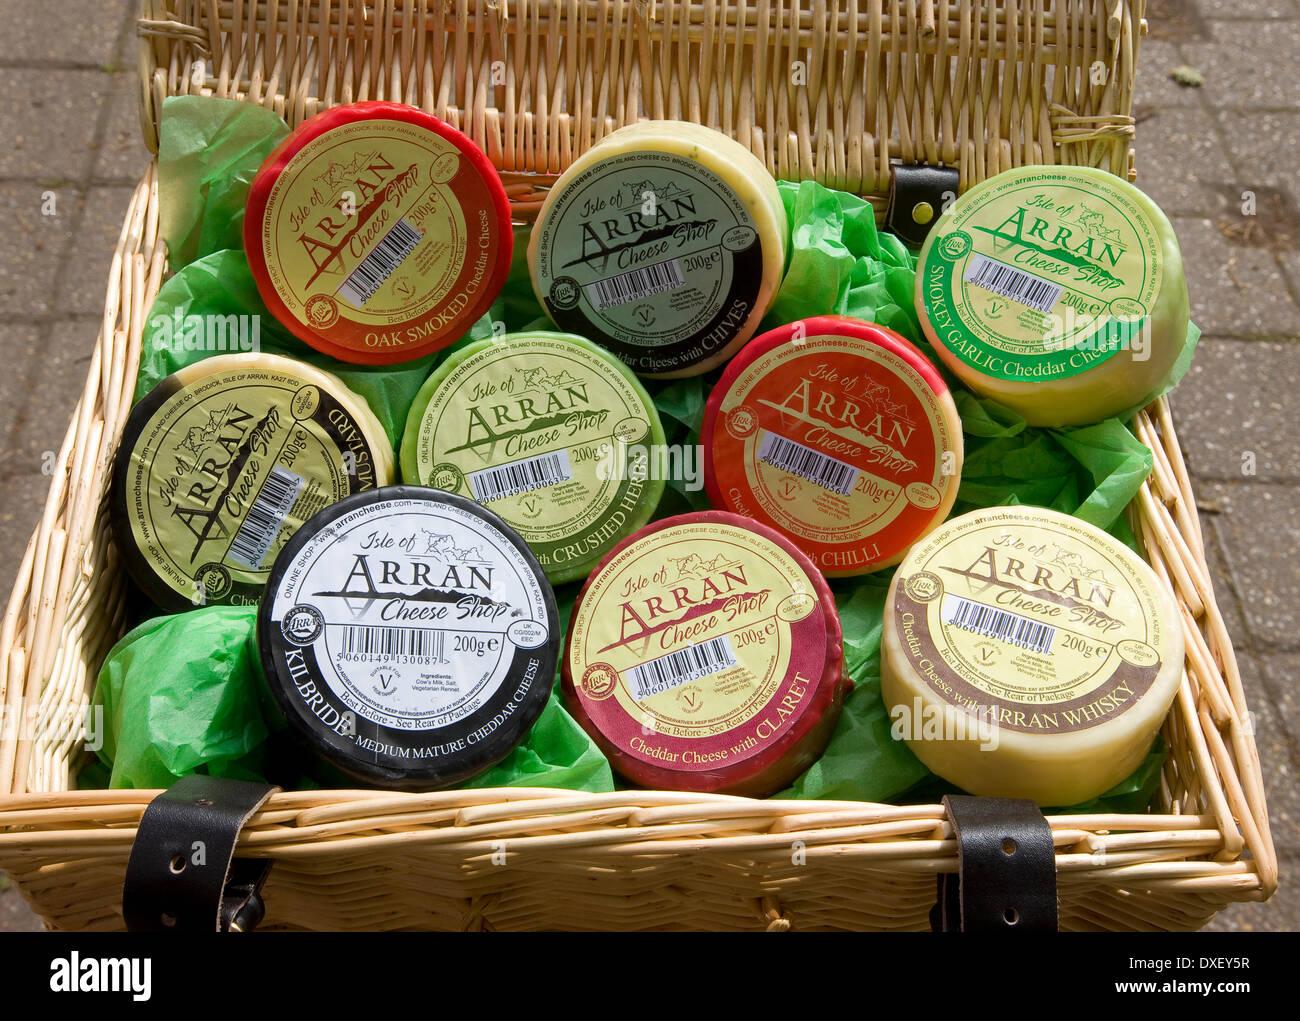 Una selección de quesos, Cladach Arran, la Isla de Arran. Imagen De Stock